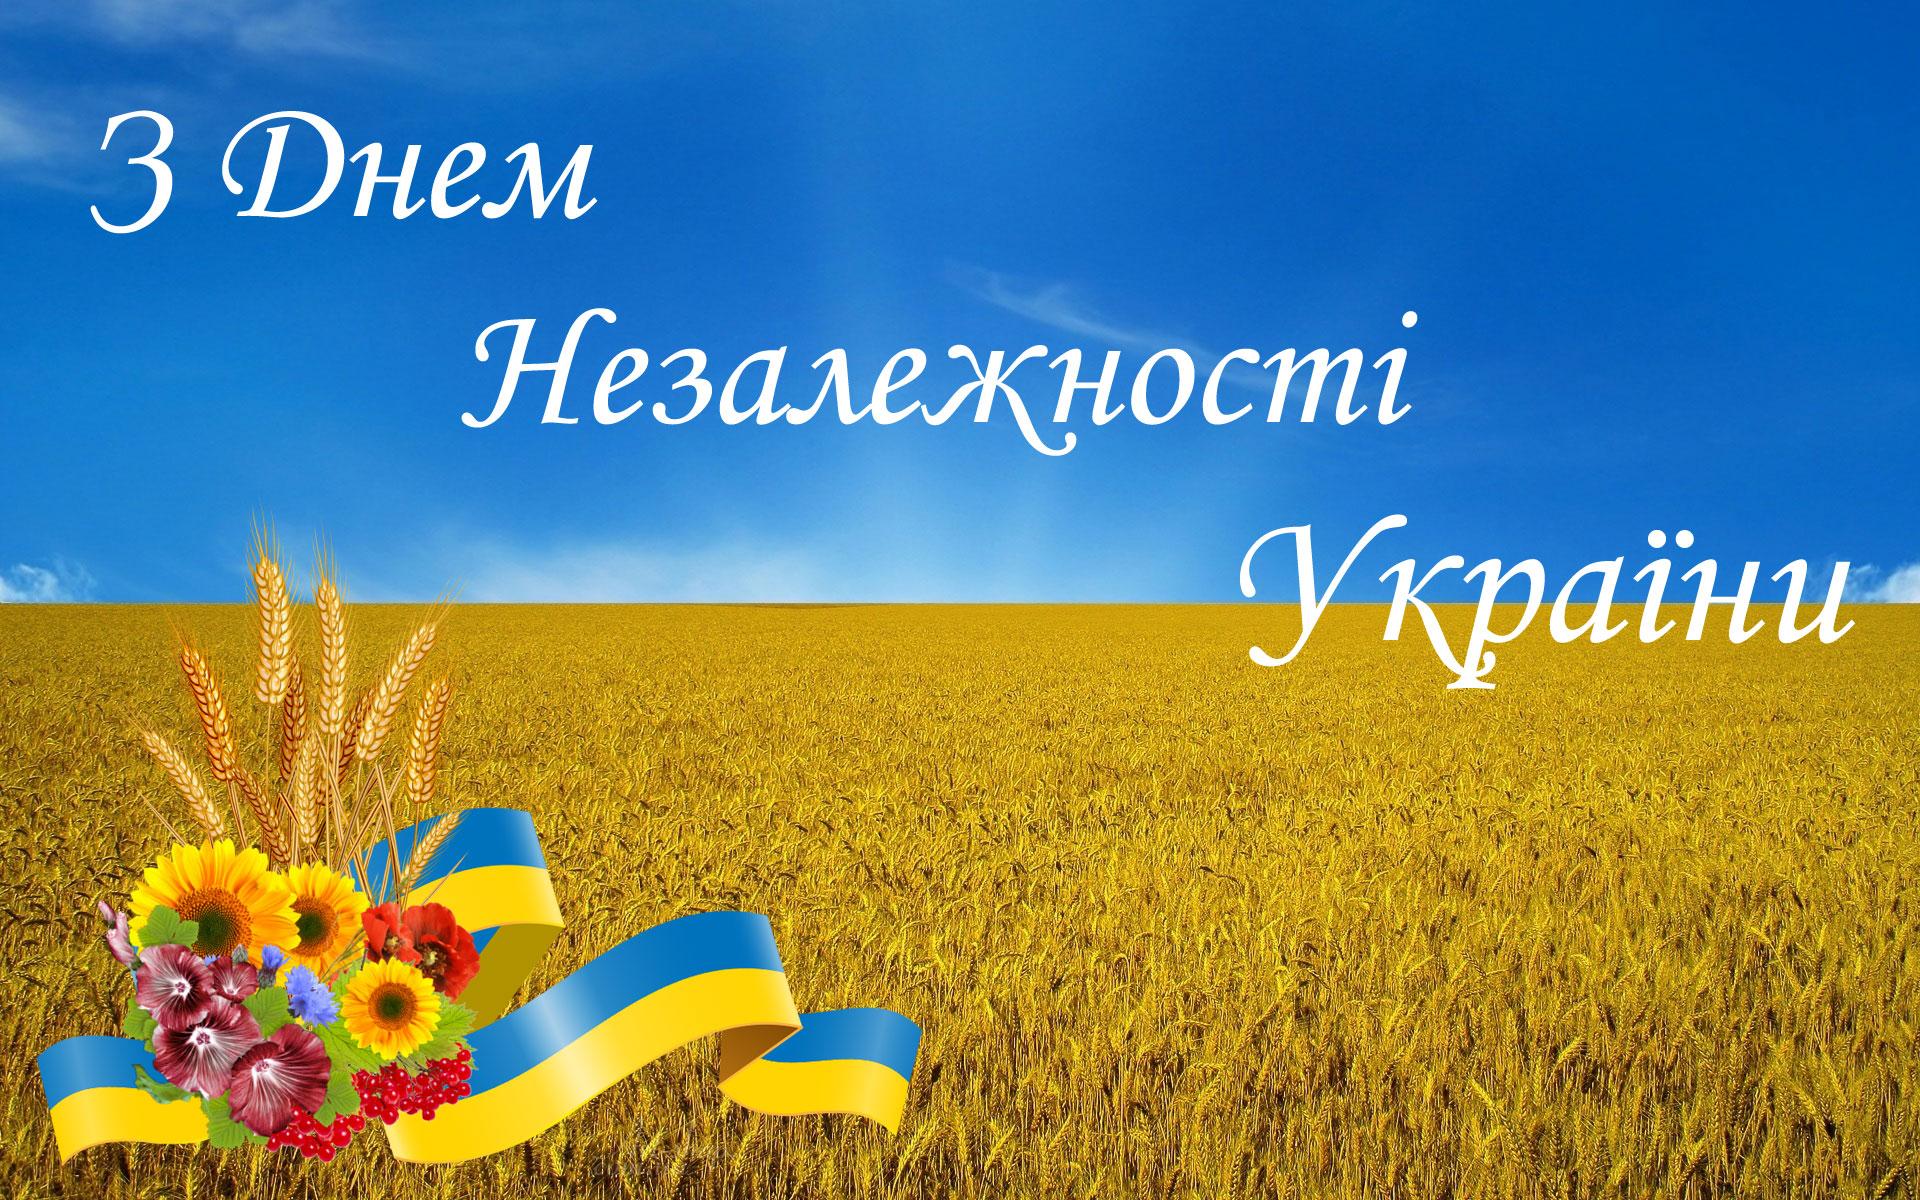 С днем незалежности украины открытки, открытка сердечко